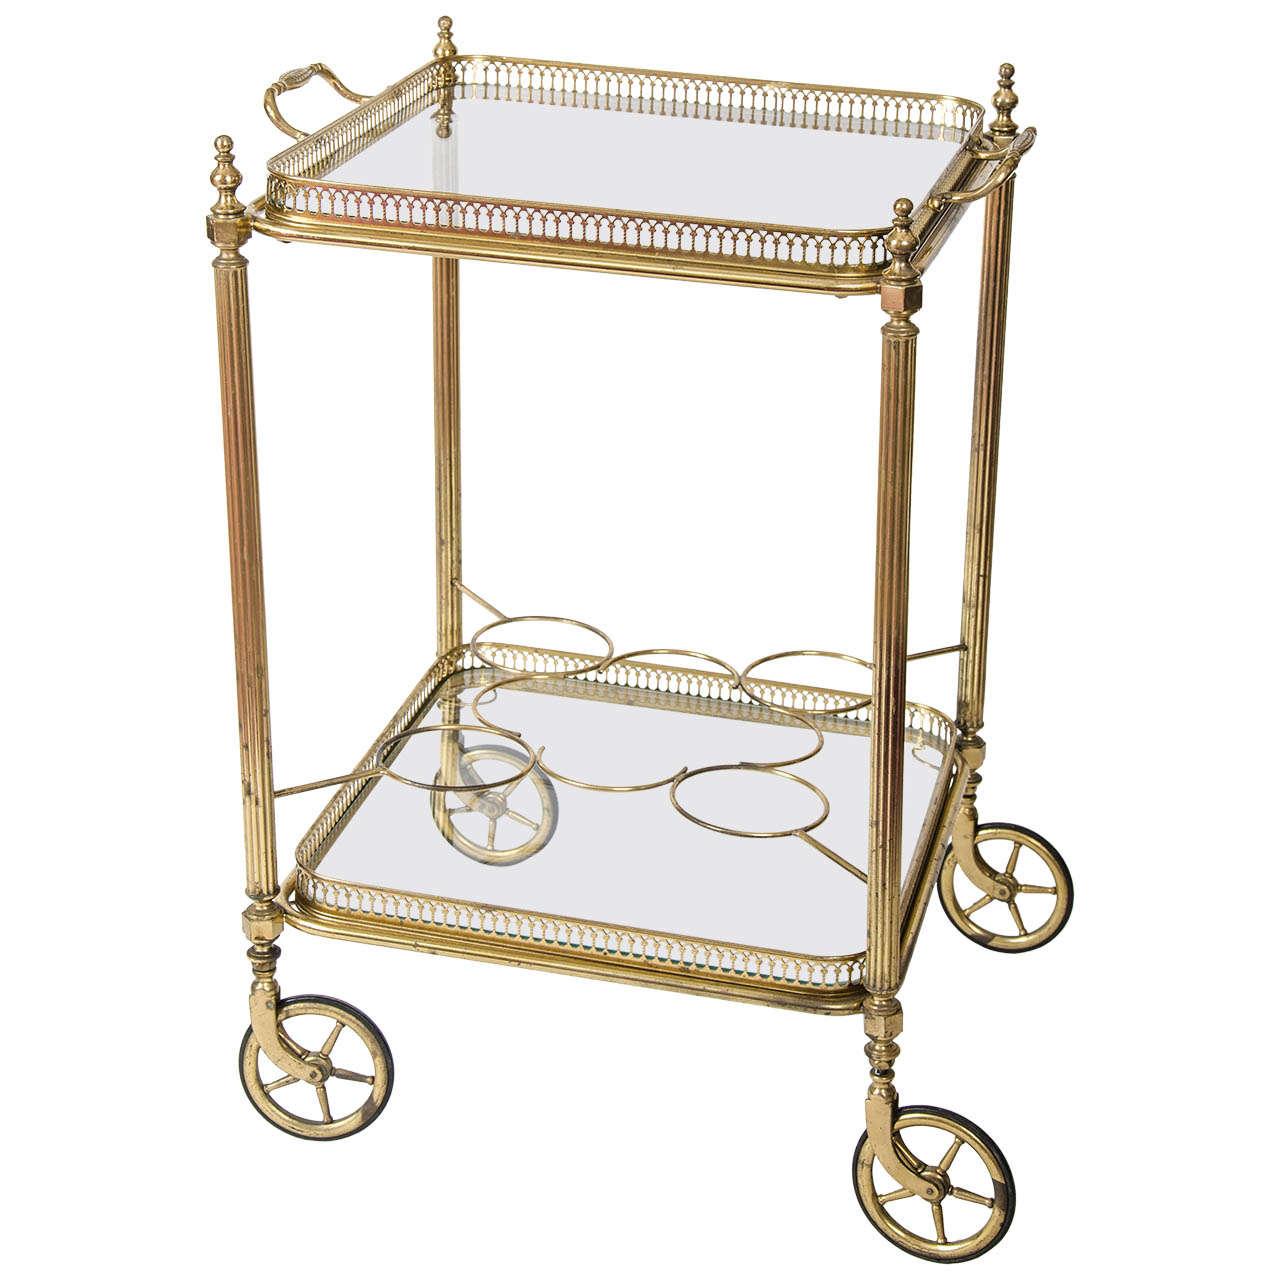 vintage french brass bar cart drinks trolley at 1stdibs. Black Bedroom Furniture Sets. Home Design Ideas